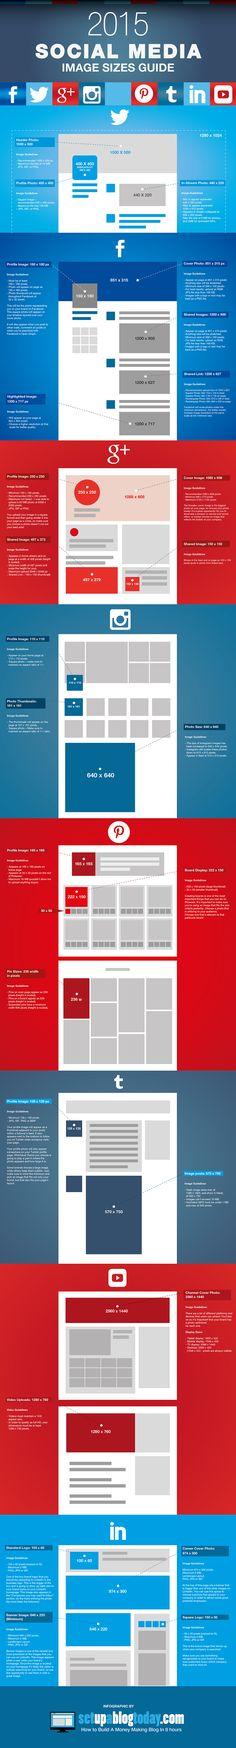 Social Media image size 2015